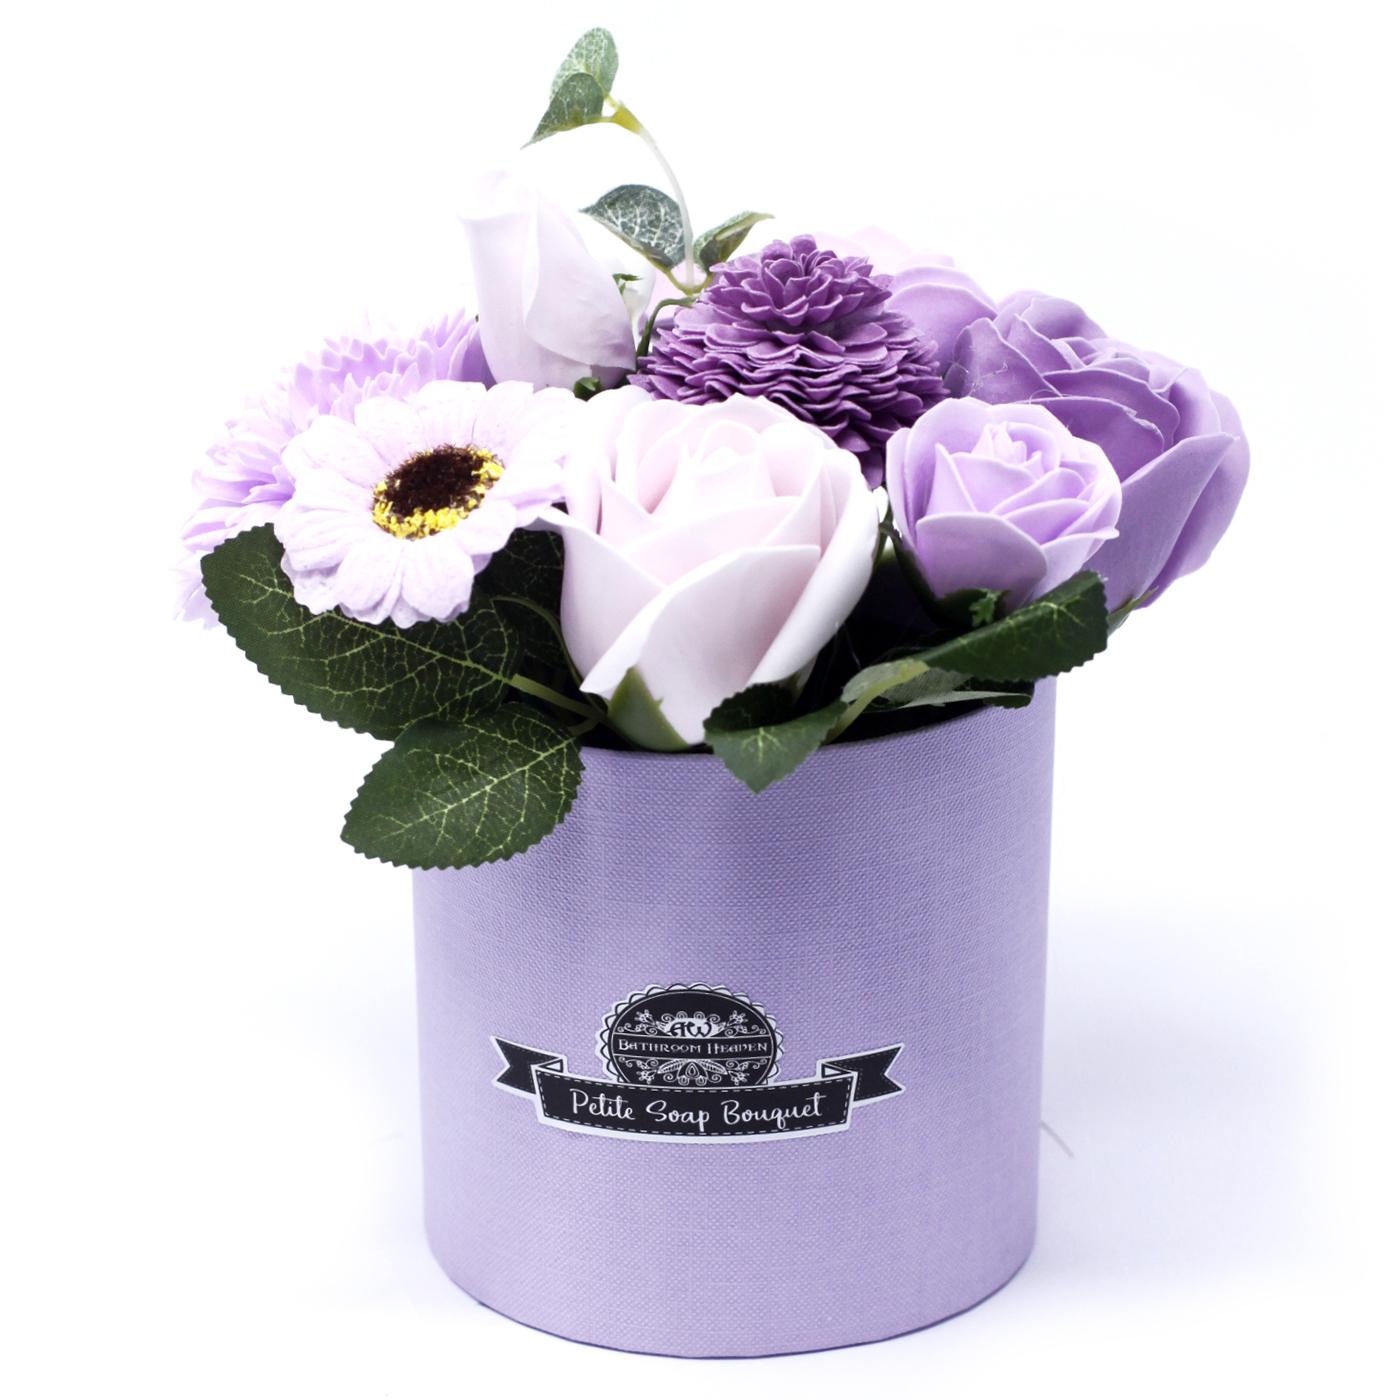 Bouquet Petite Gift Pot- Soft Lavender